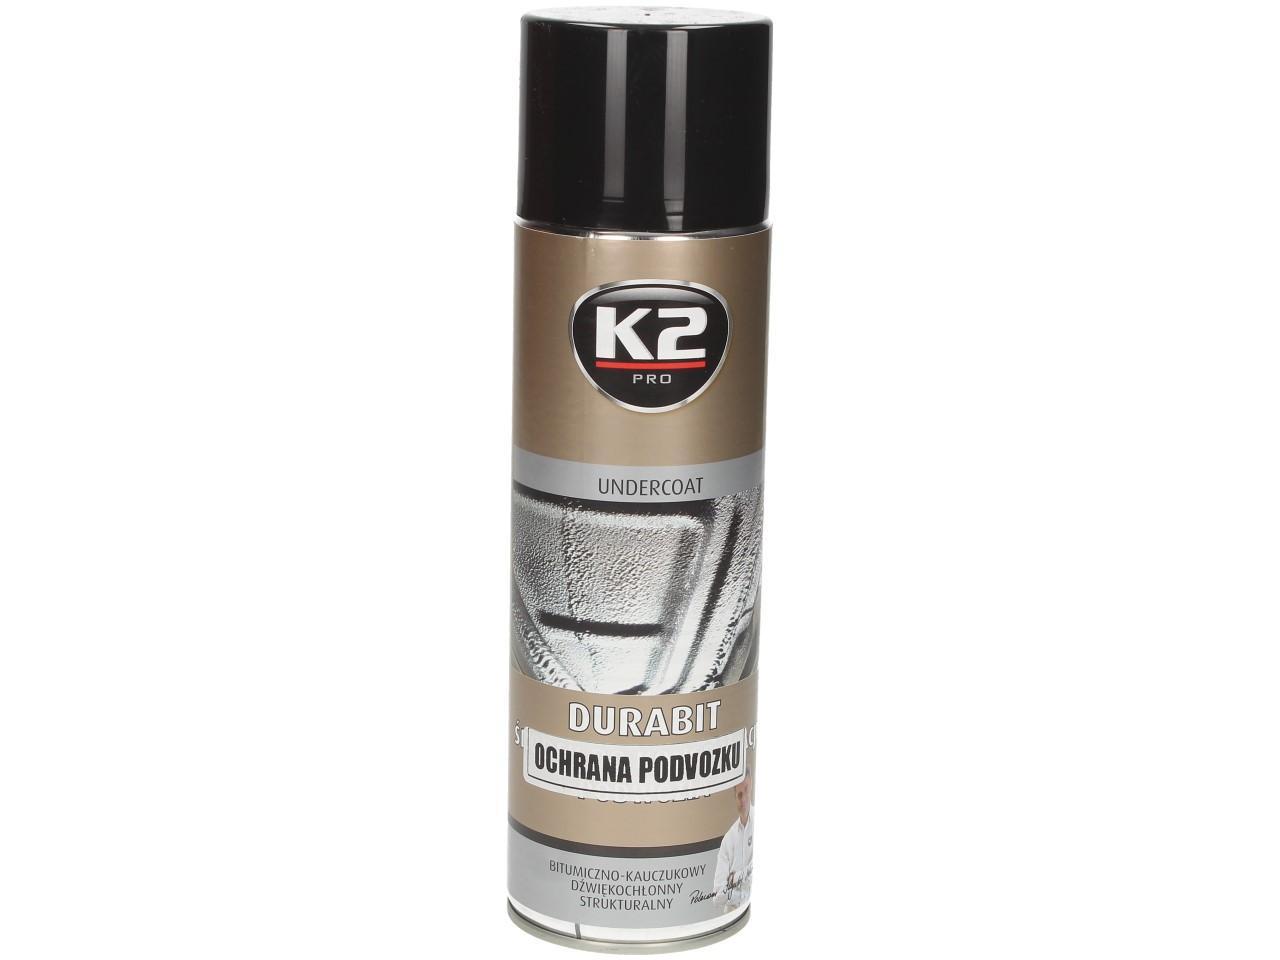 Ochranný asfaltový nástřik na podvozek K2 DURABIT 500 ml